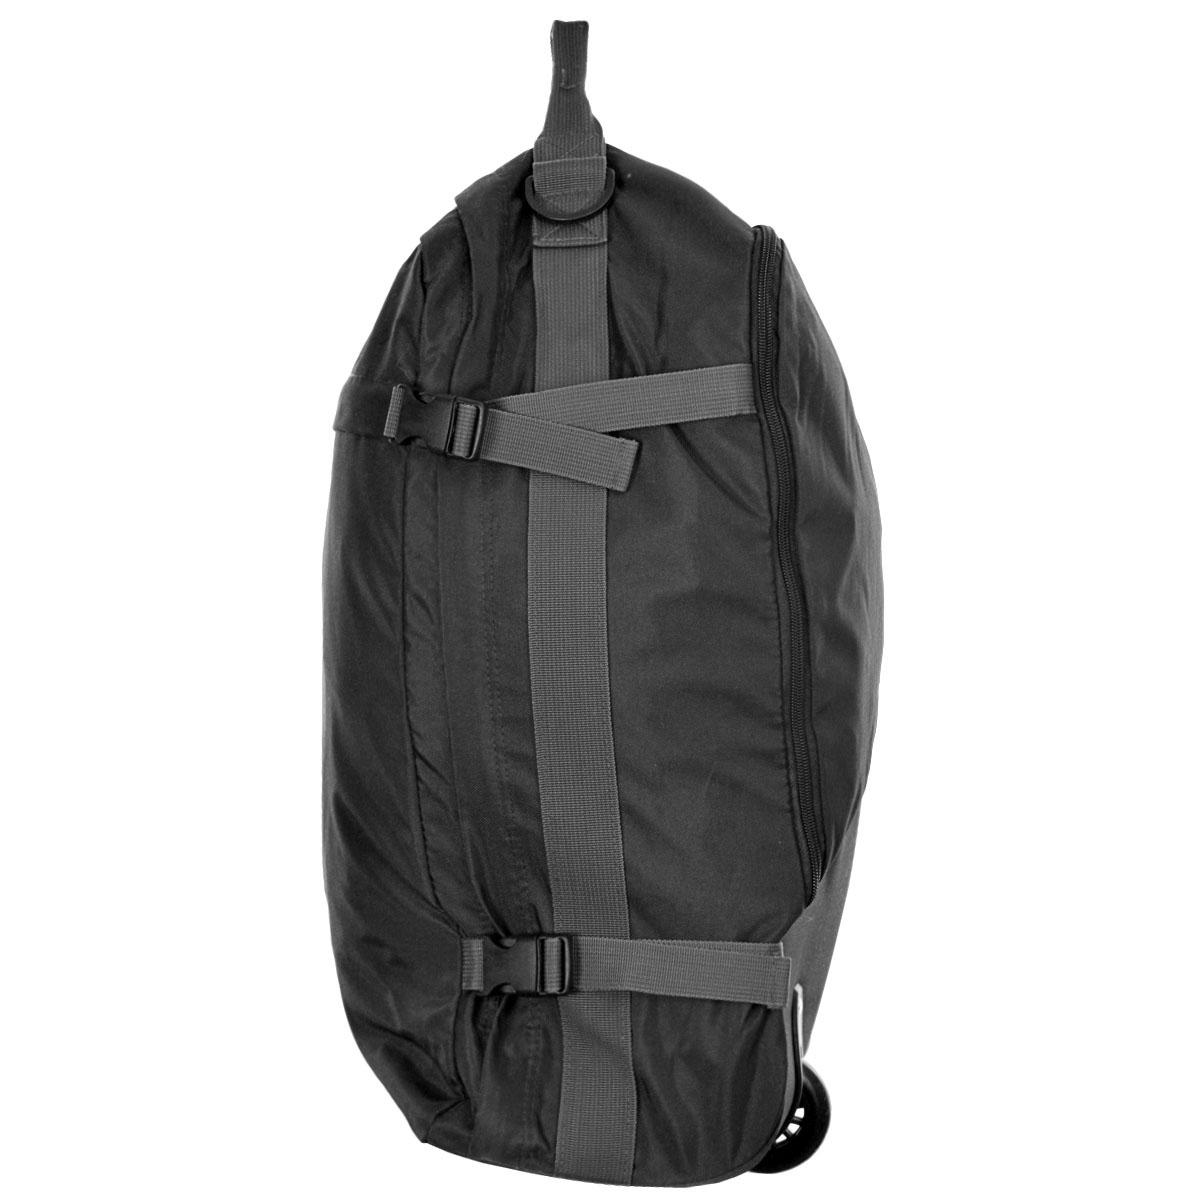 Craghoppers-Worldwide-40L-Cabin-Bag-Roller-Rucksack-Backpacker-44-OFF-RRP